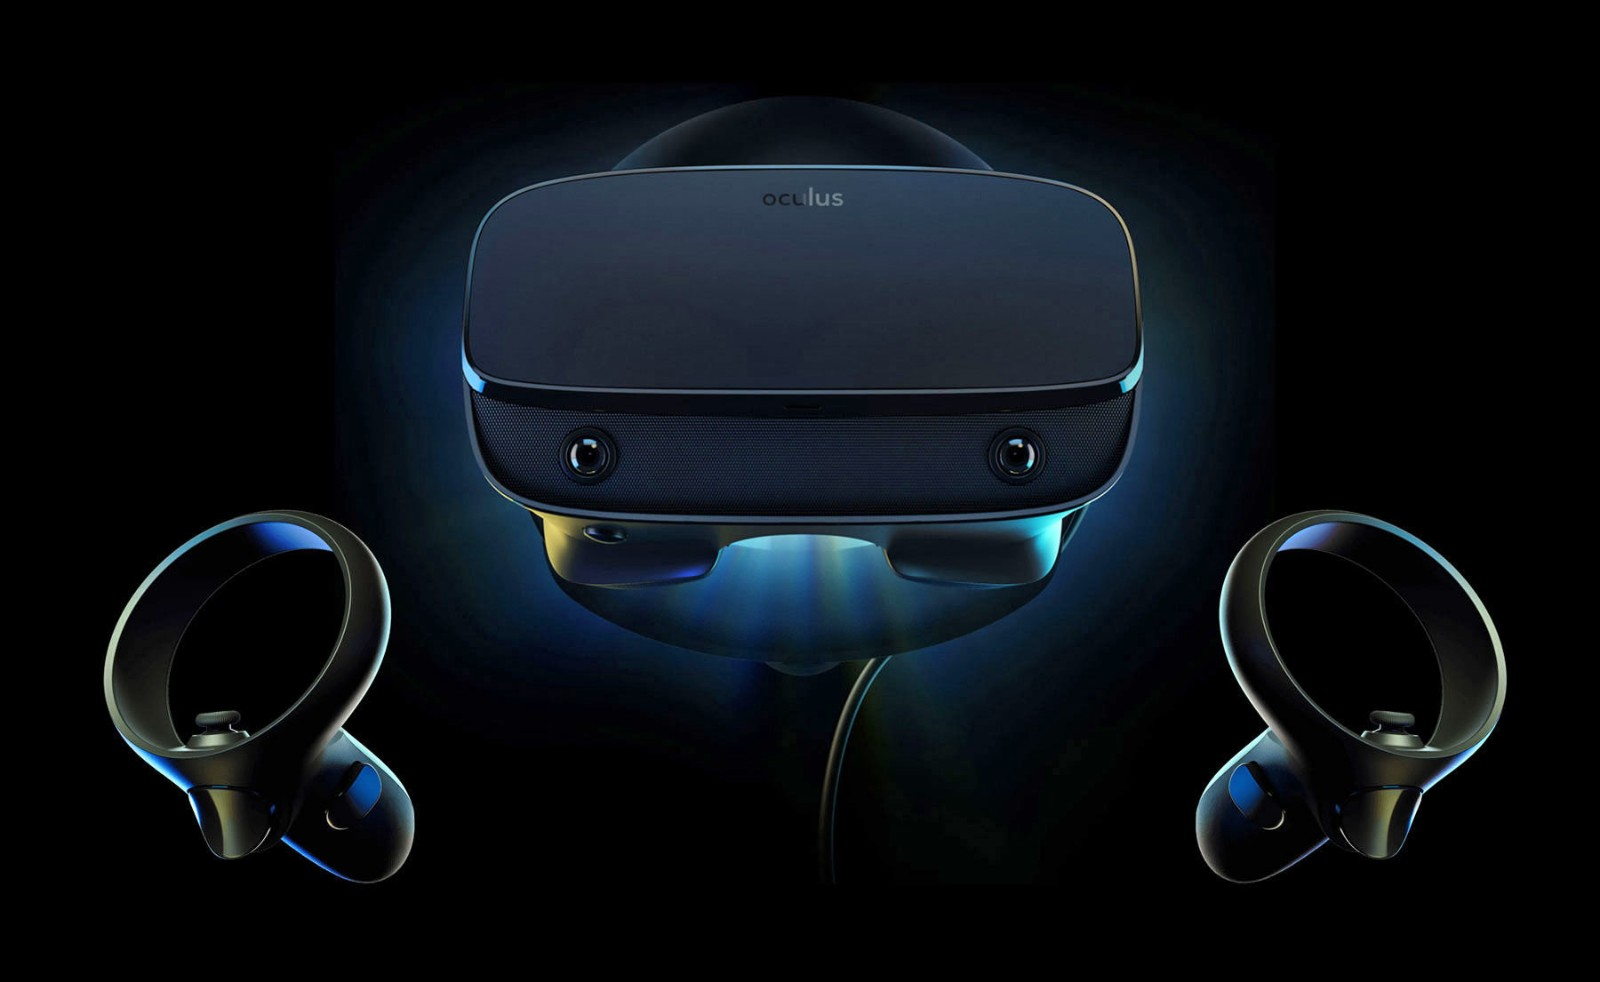 传闻:《细胞分裂》与《刺客信条》或将推出Oculus独占新作